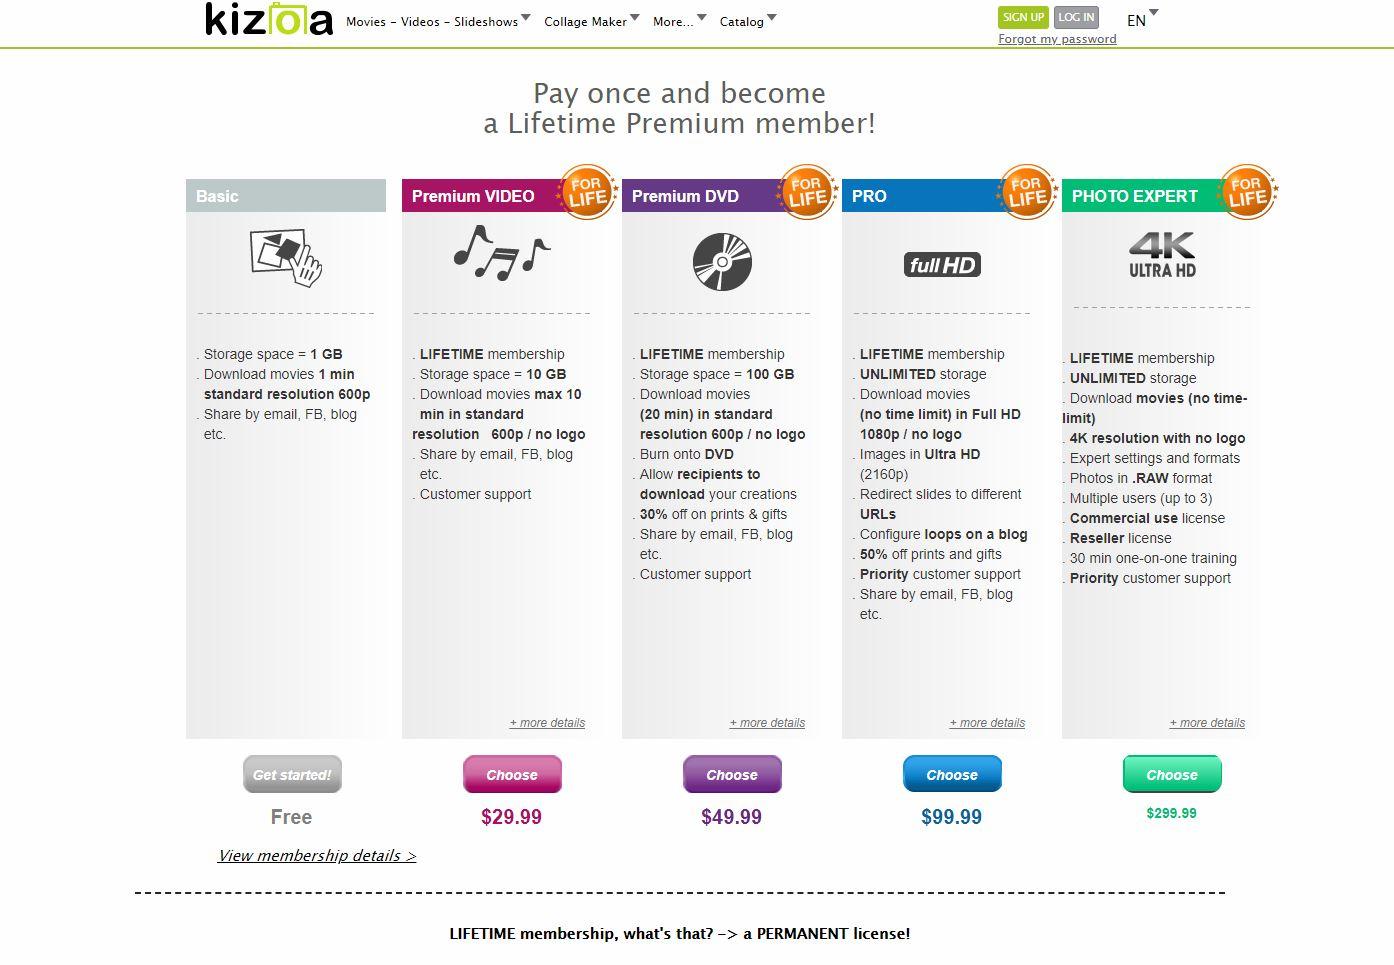 kizoa 3 image